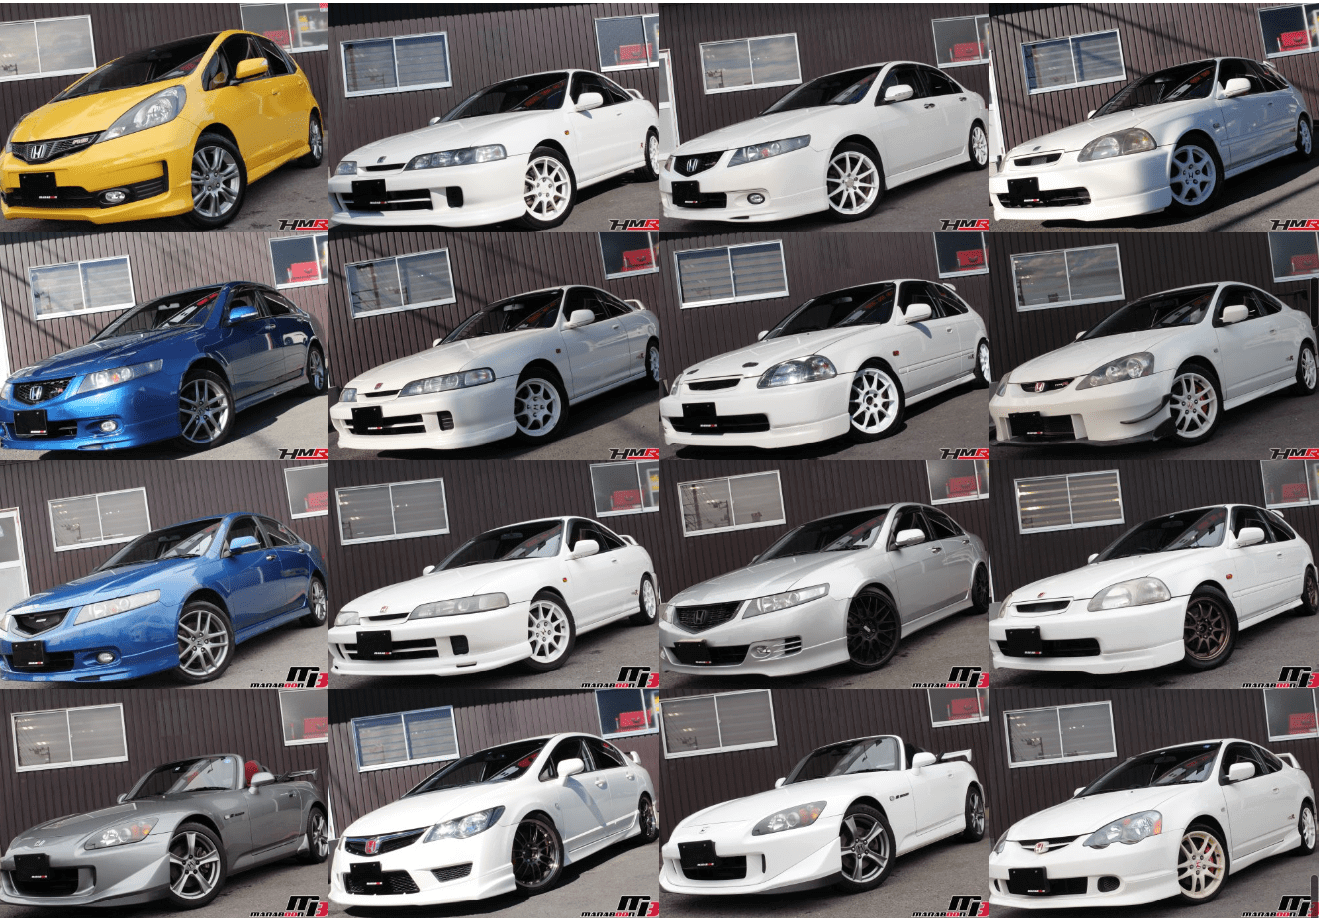 ホンダスポーツカー一覧画像